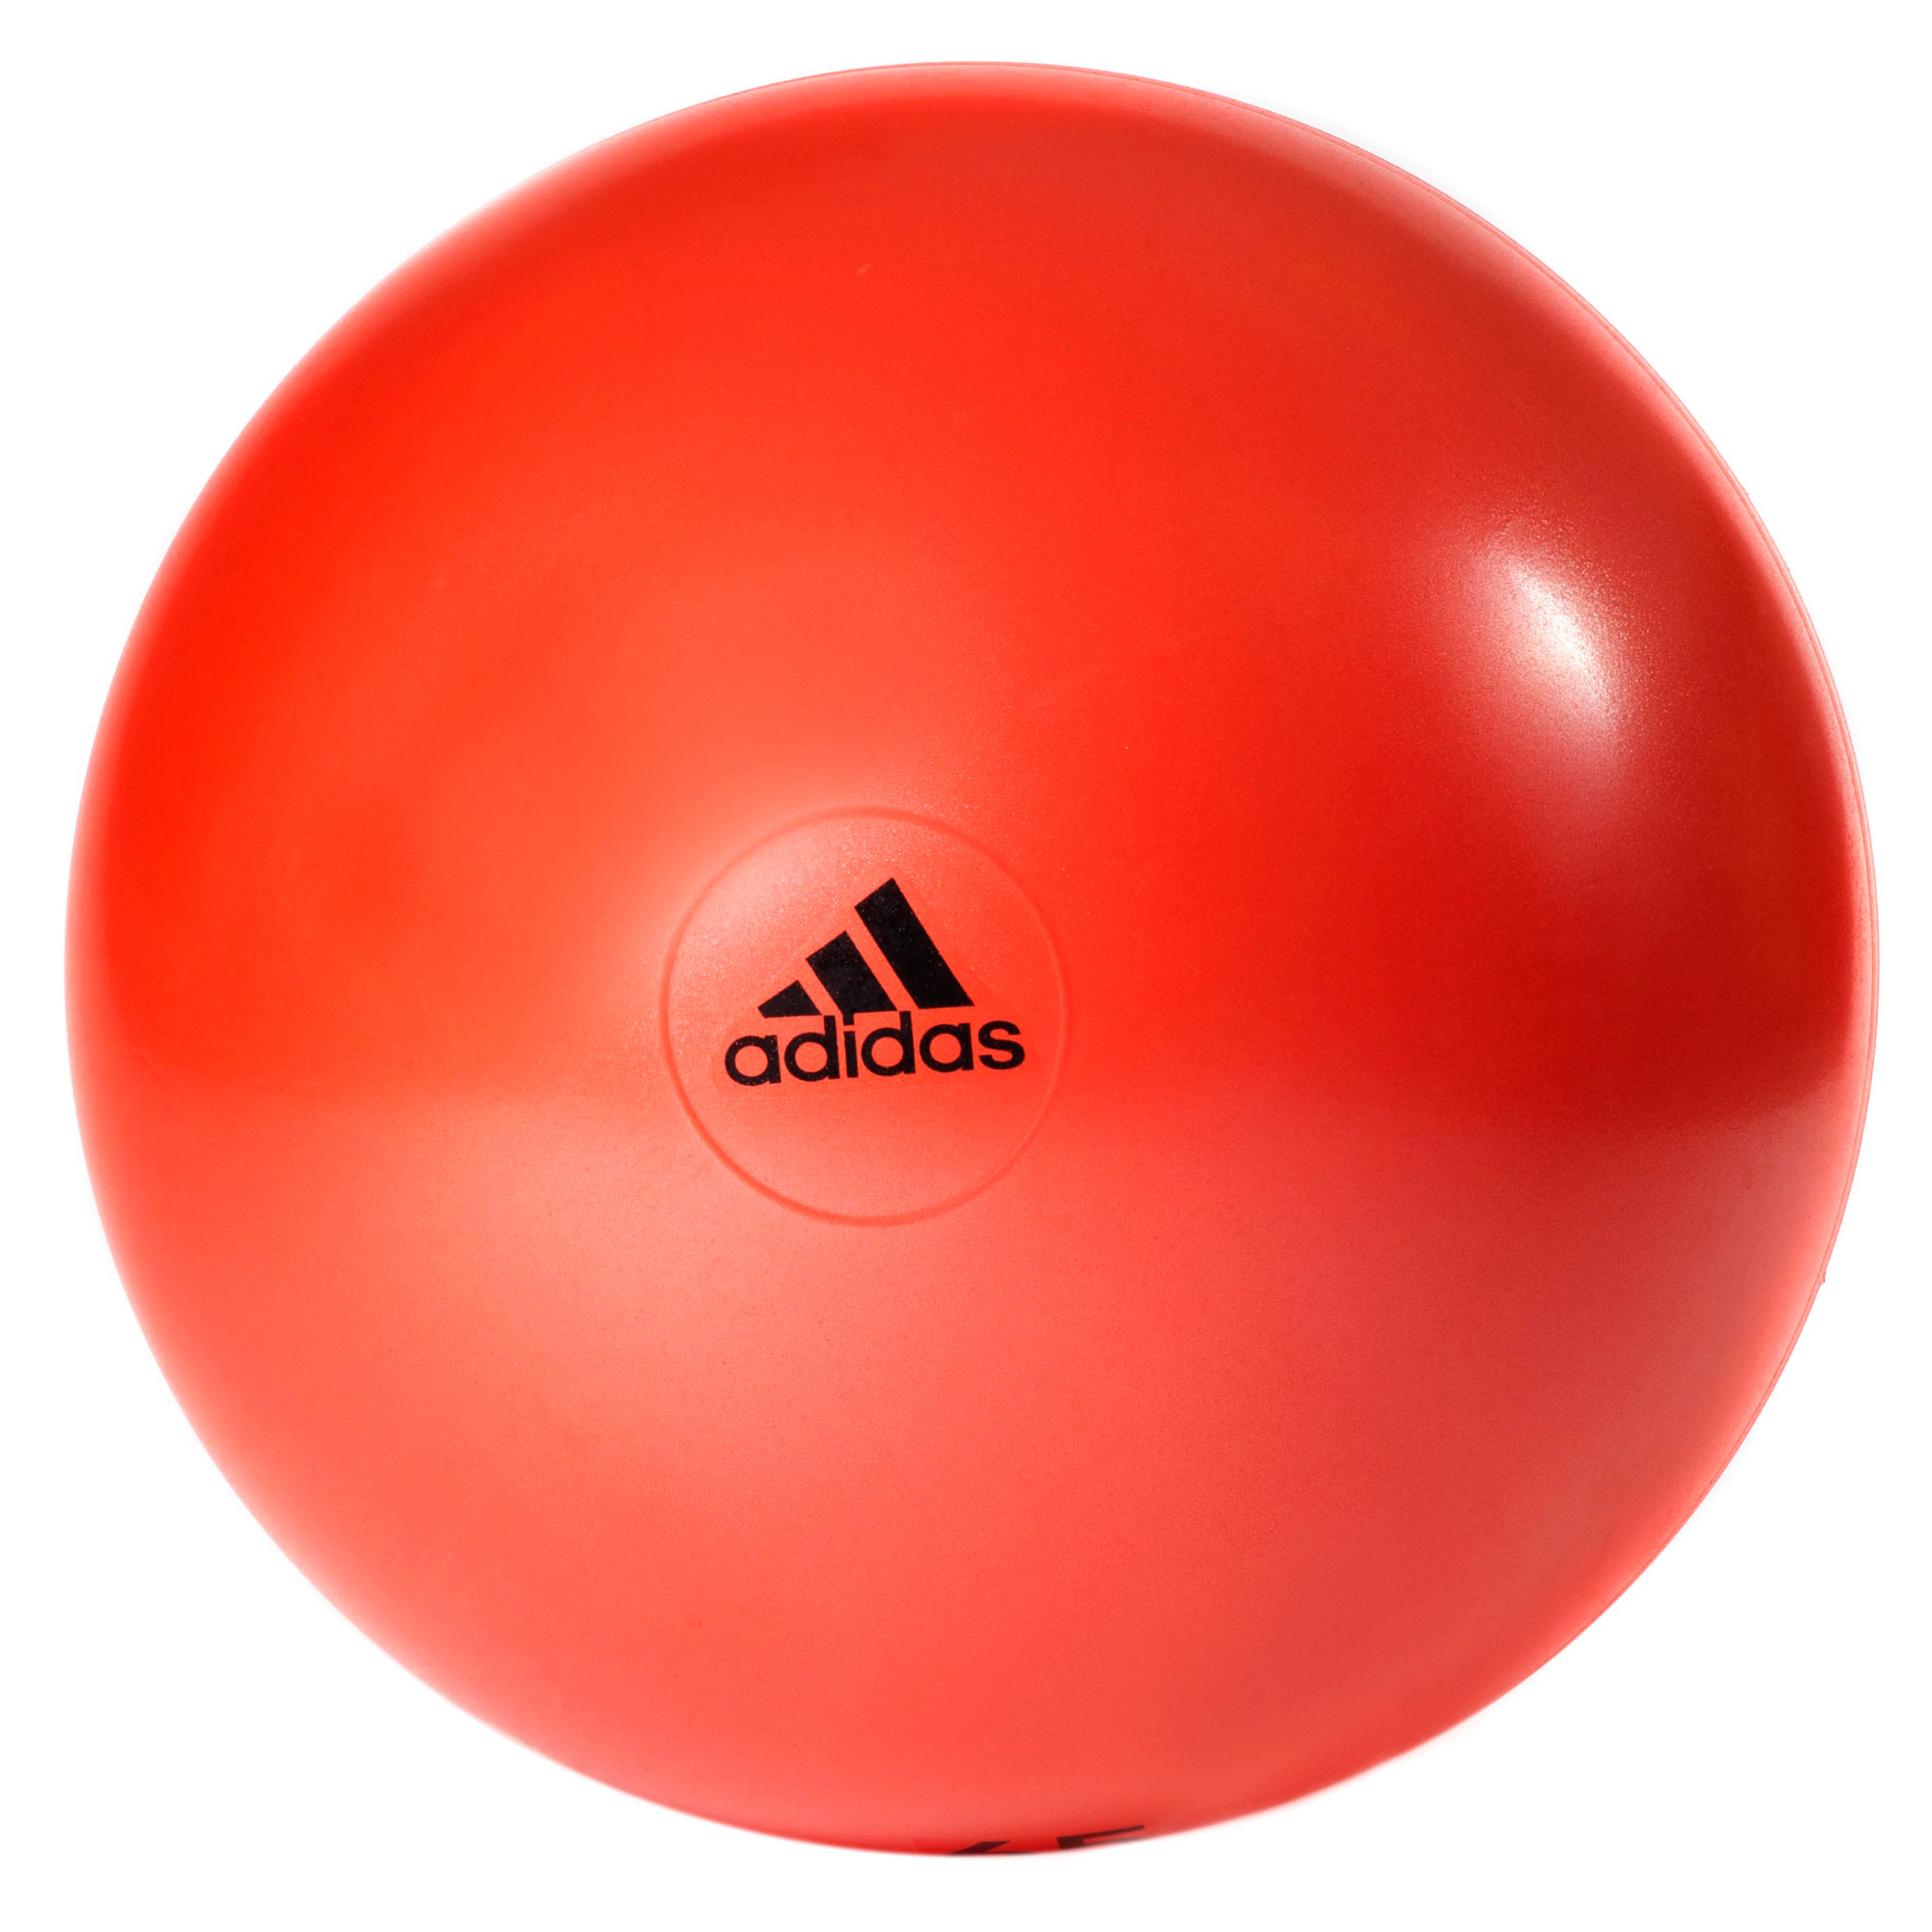 adidas 75cm Gym Ball  Orange